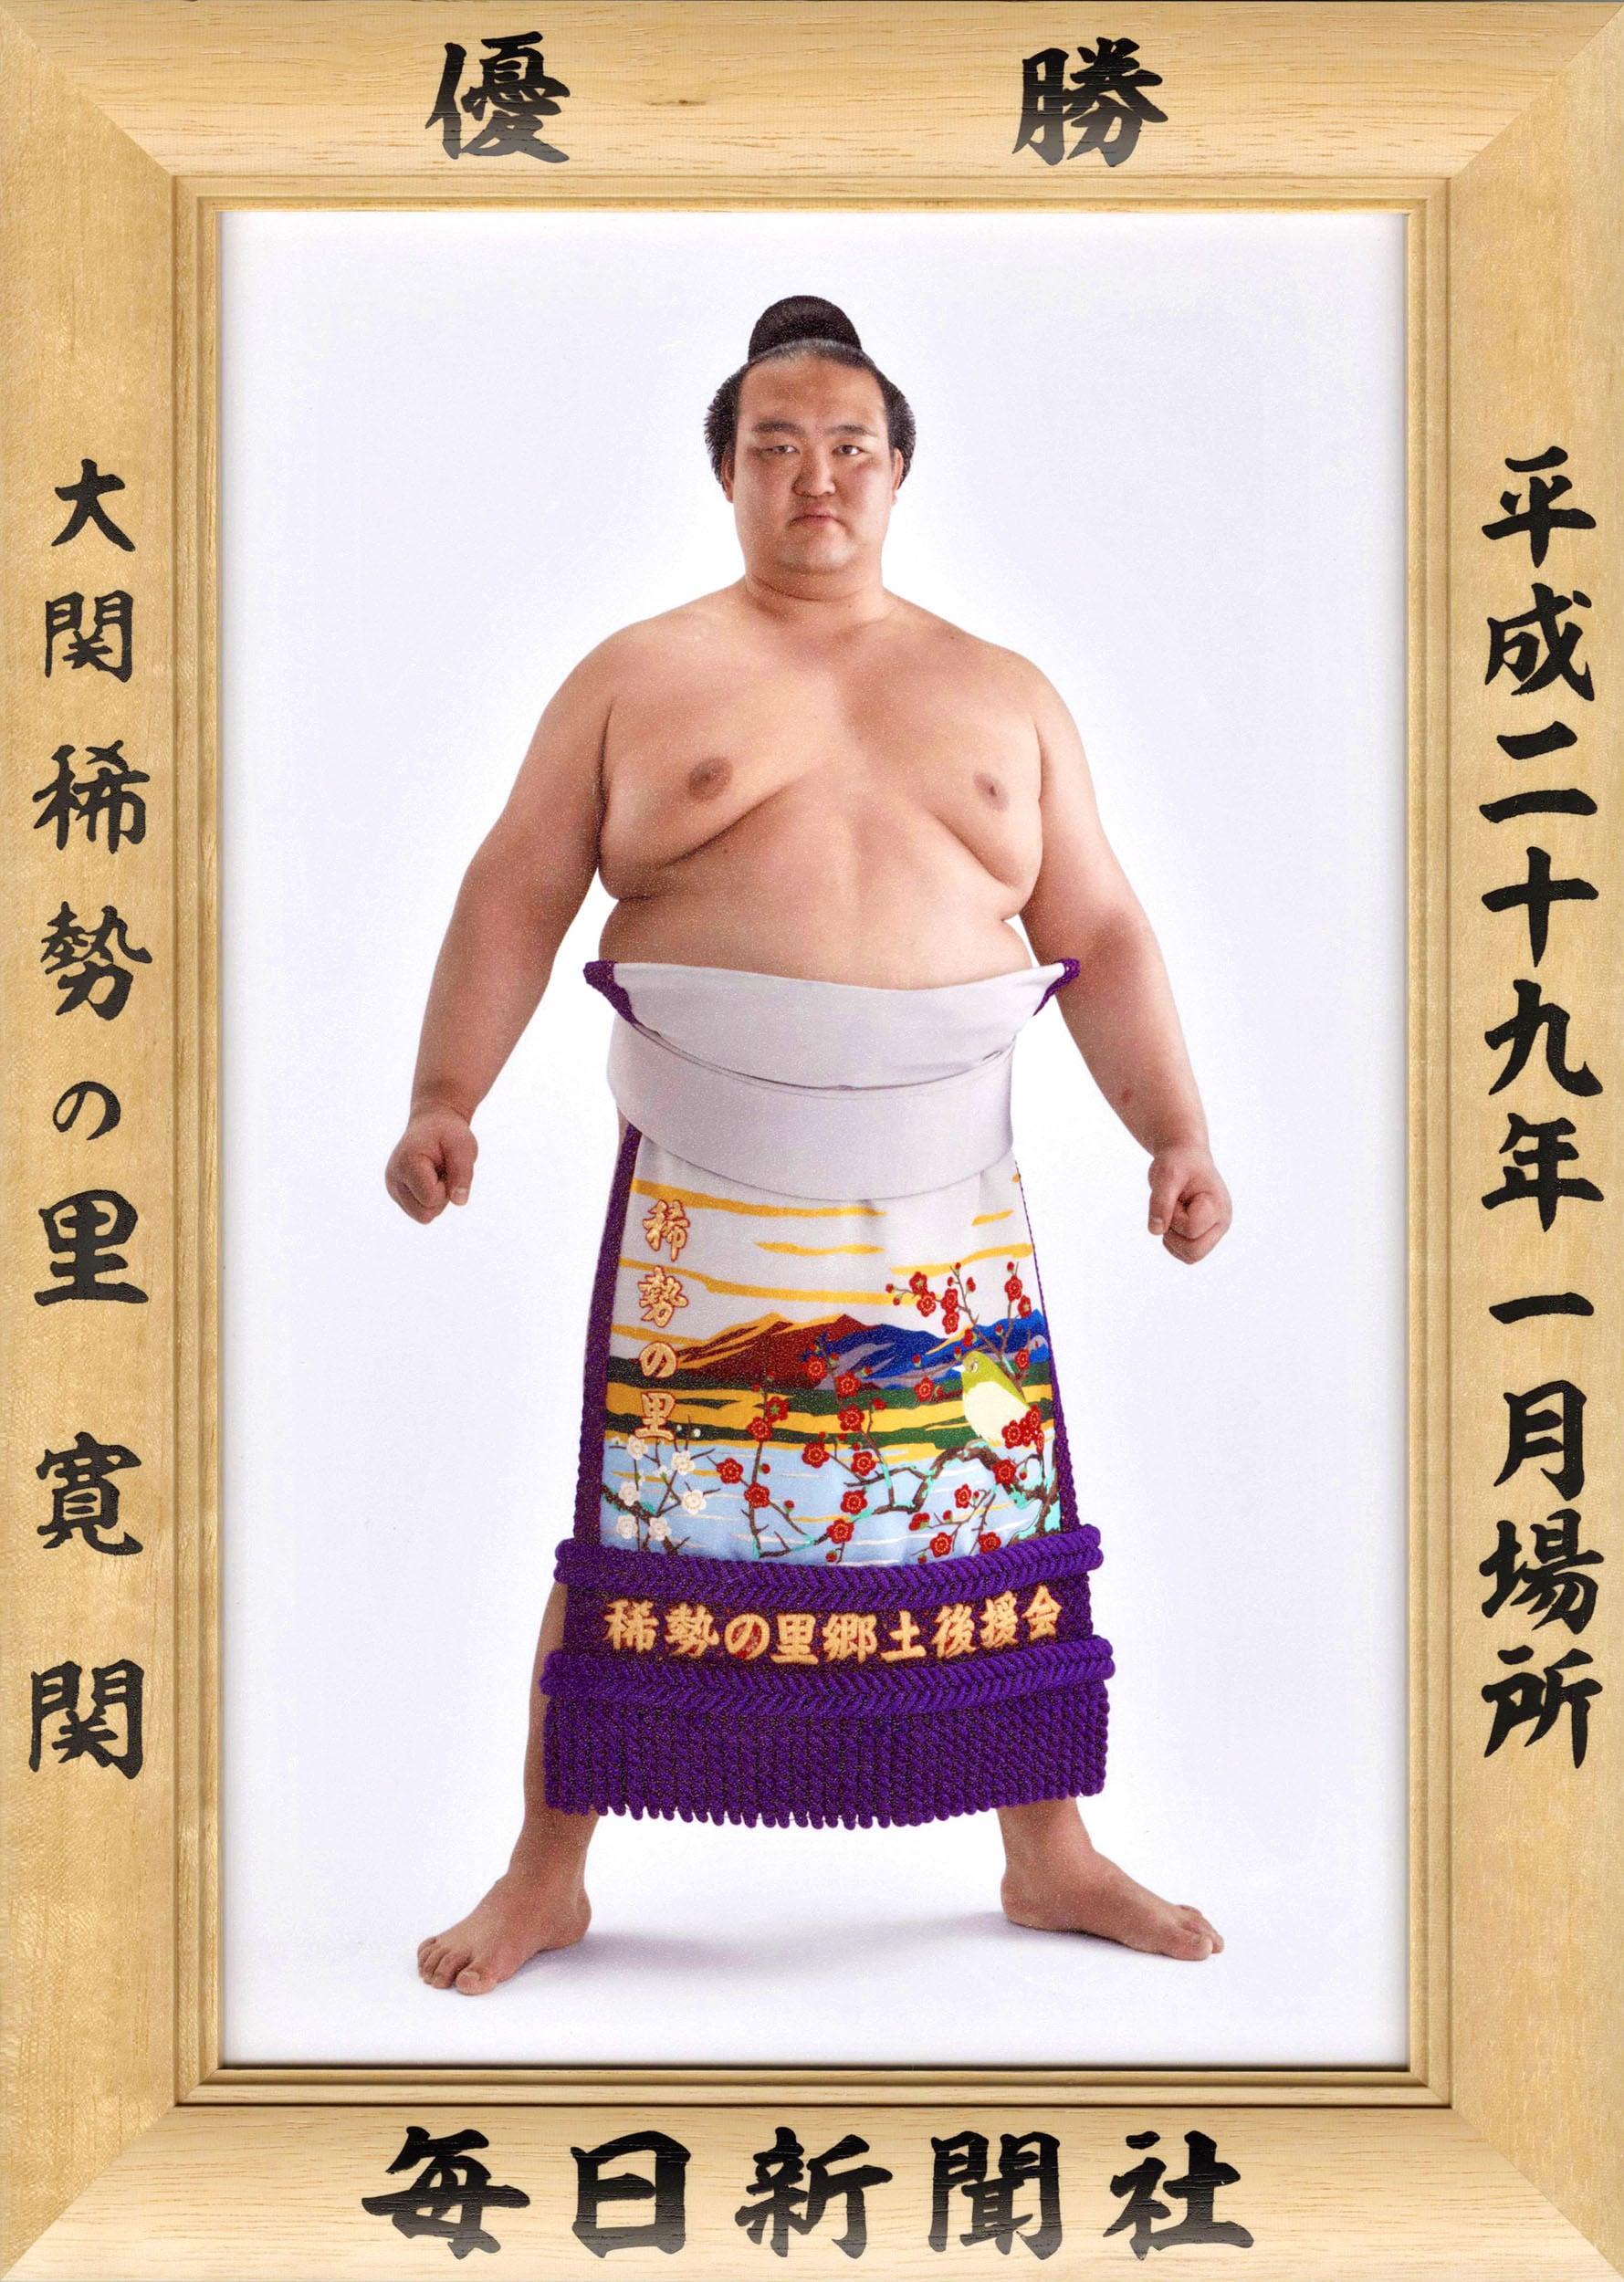 大相撲優勝額 平成29年1月場所・稀勢ノ里関